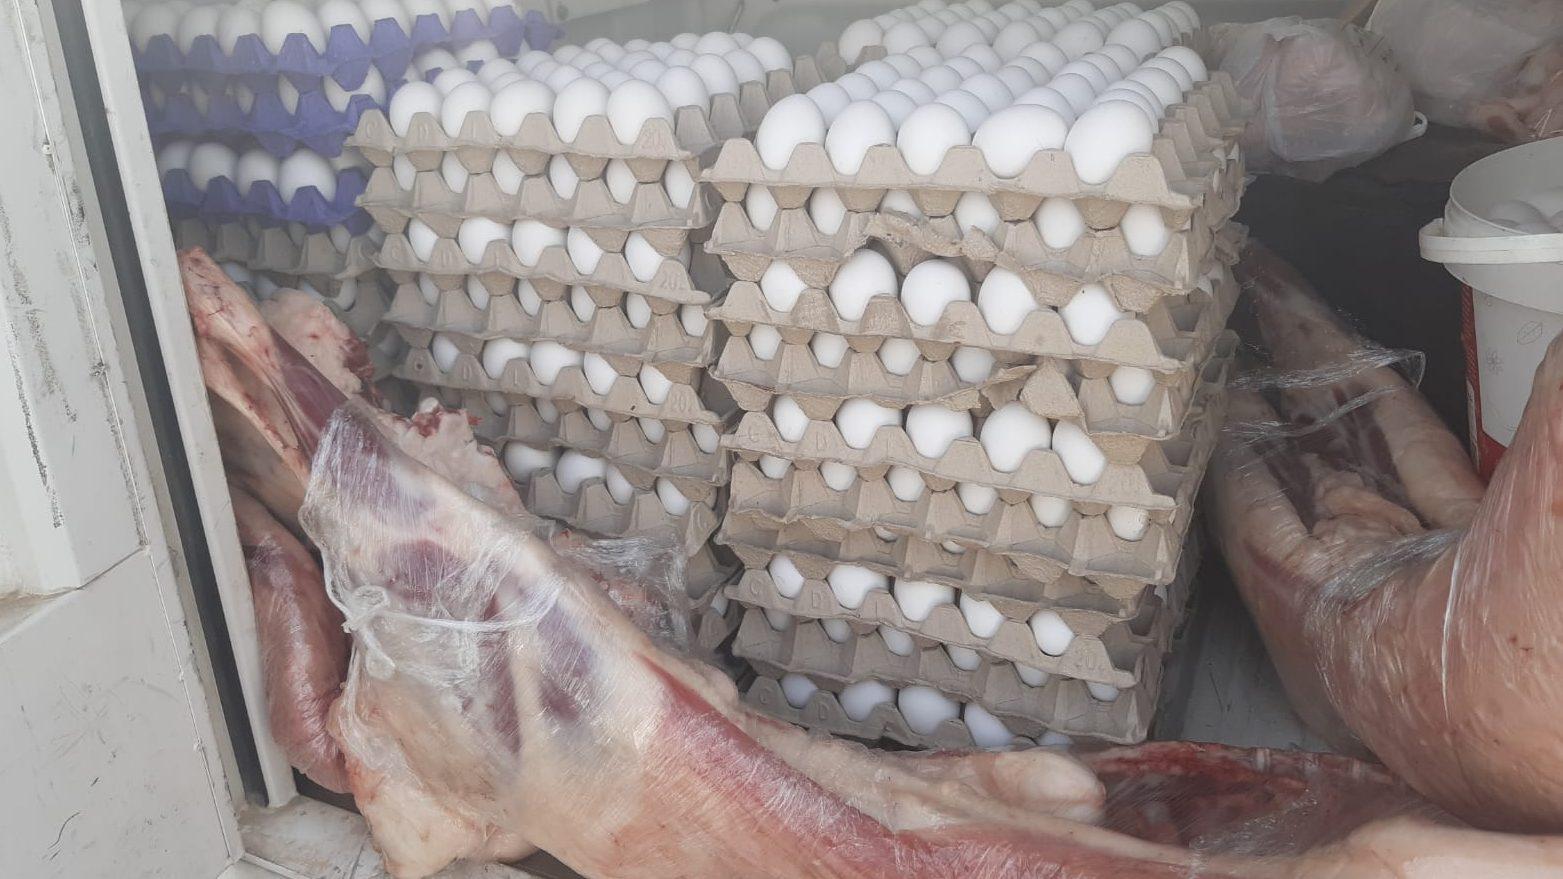 המשטרה תפסה מאות ביצים ובשר בכמות גדולה ללא פיקוח במזרח ירושלים